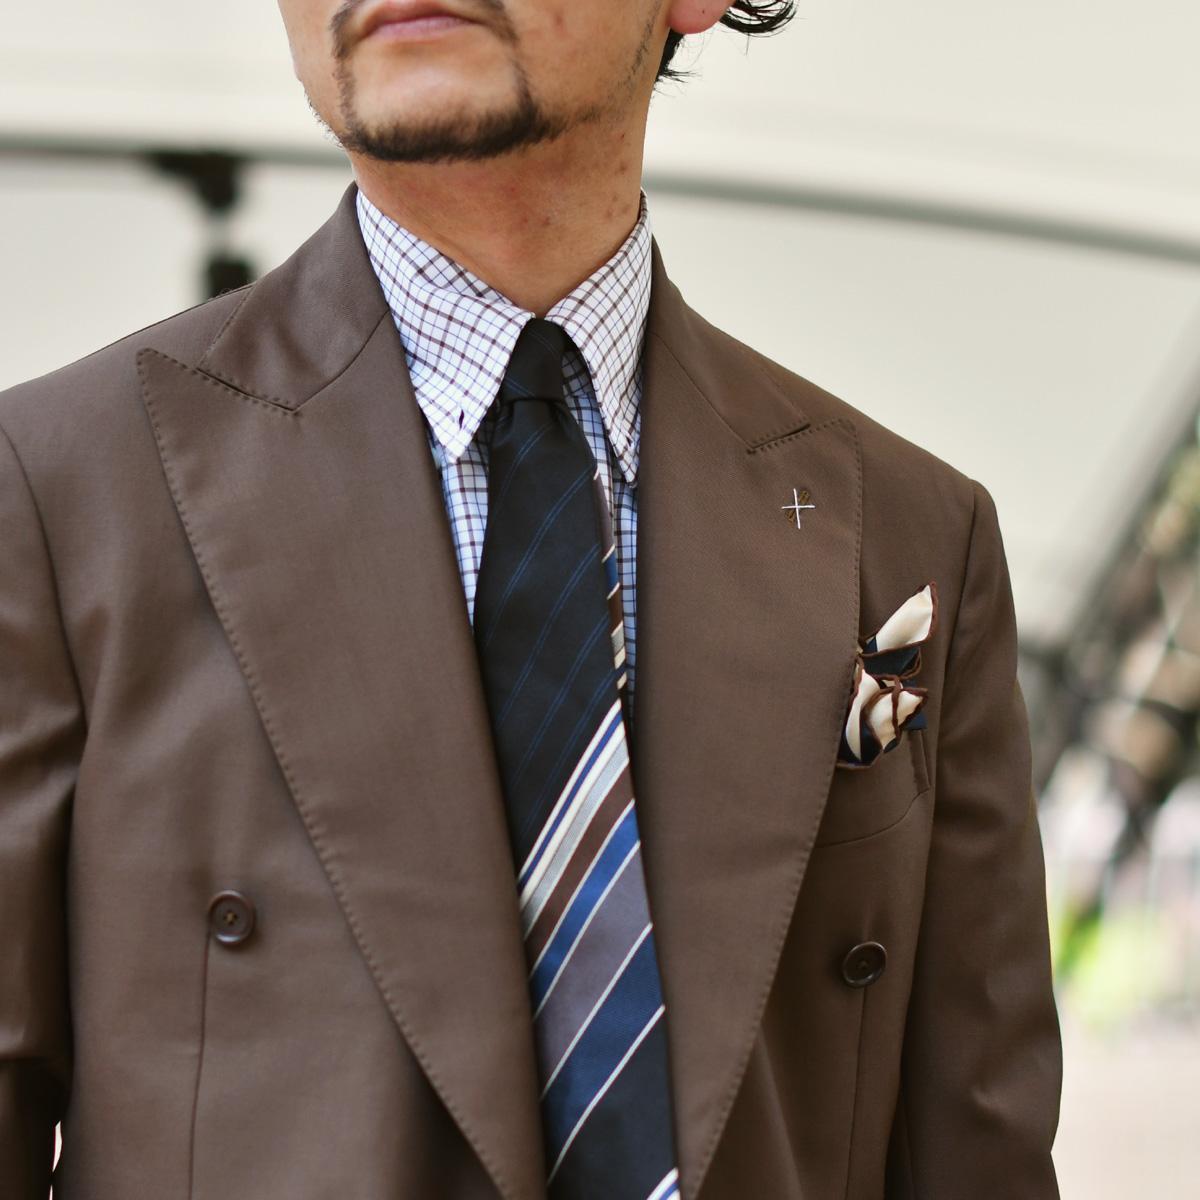 史上最高に綺麗なブラウンスーツ!De Petrillo【デ ペトリロ】